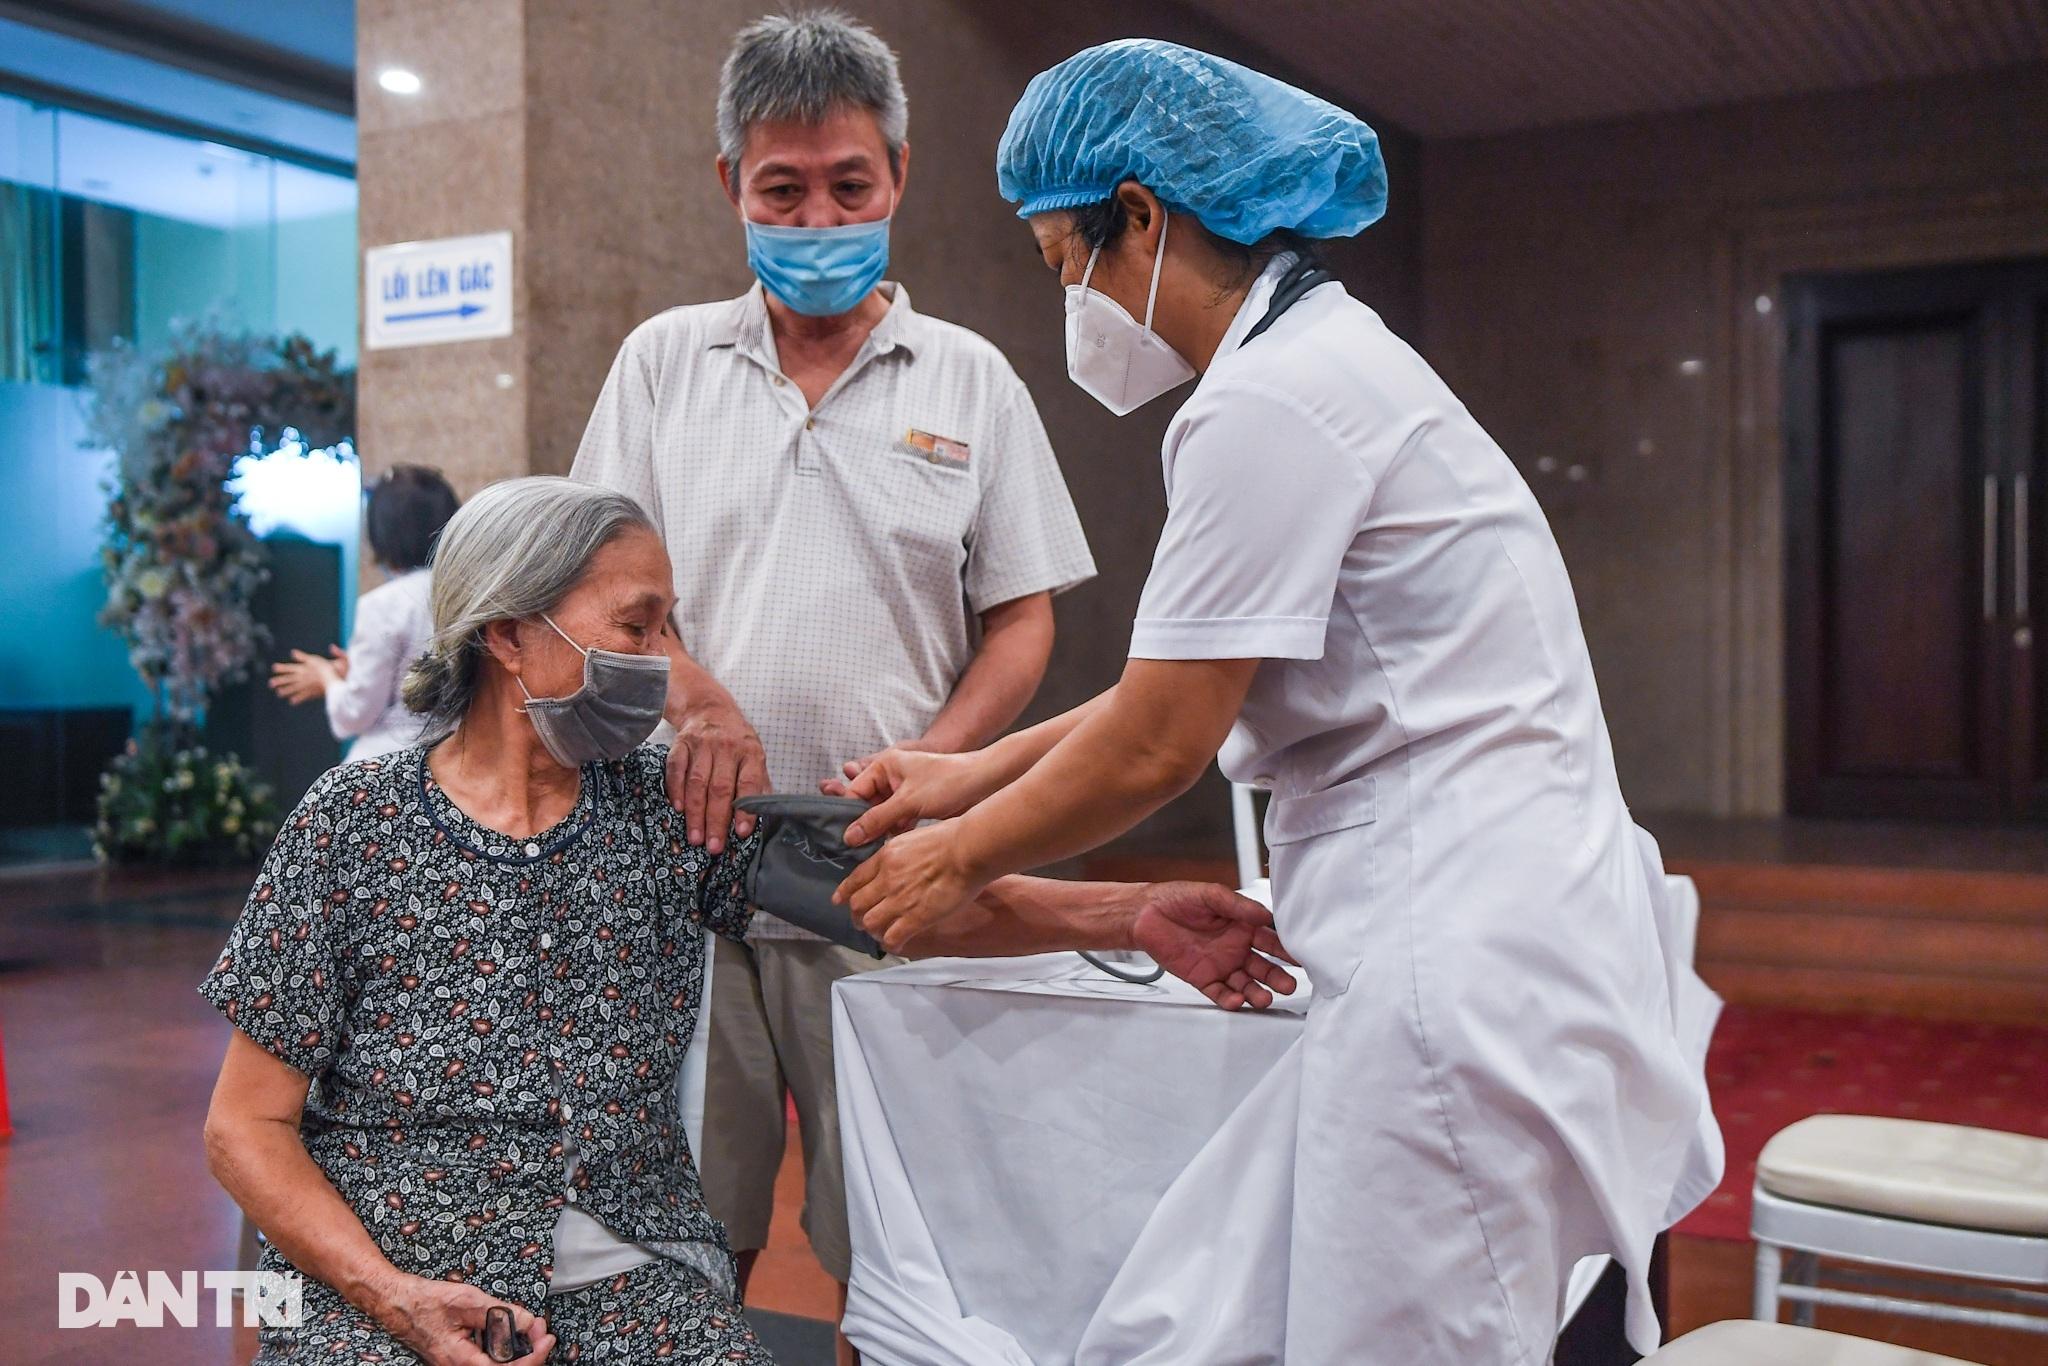 Ảnh: Toàn cảnh Chiến dịch truy vết và phủ vắc xin ngừa Covid-19 tại Hà Nội - 2